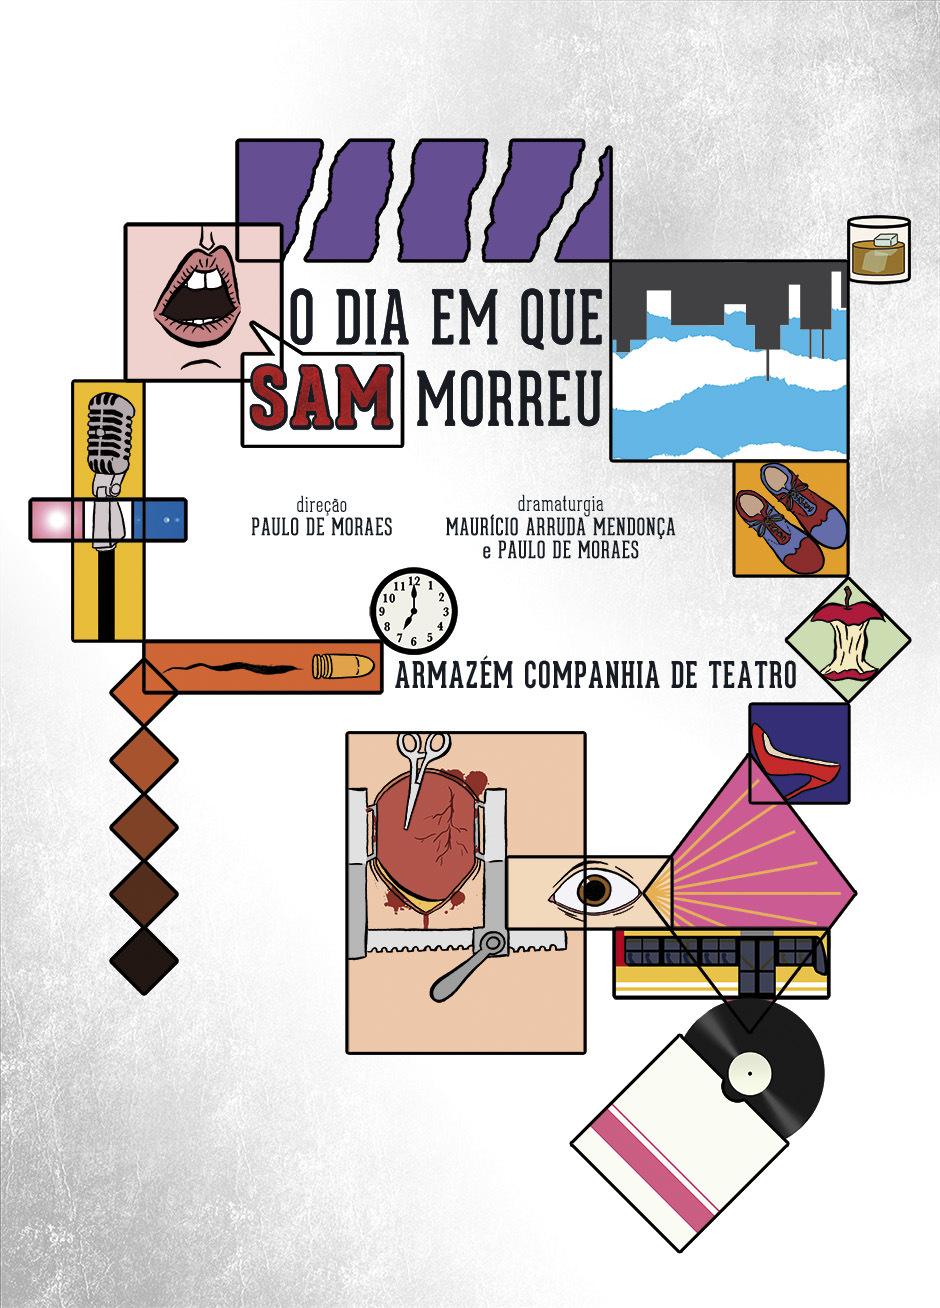 Vidro Embaçado - Cartaz do espetáculo O Dia em que Sam Morreu - 2014.